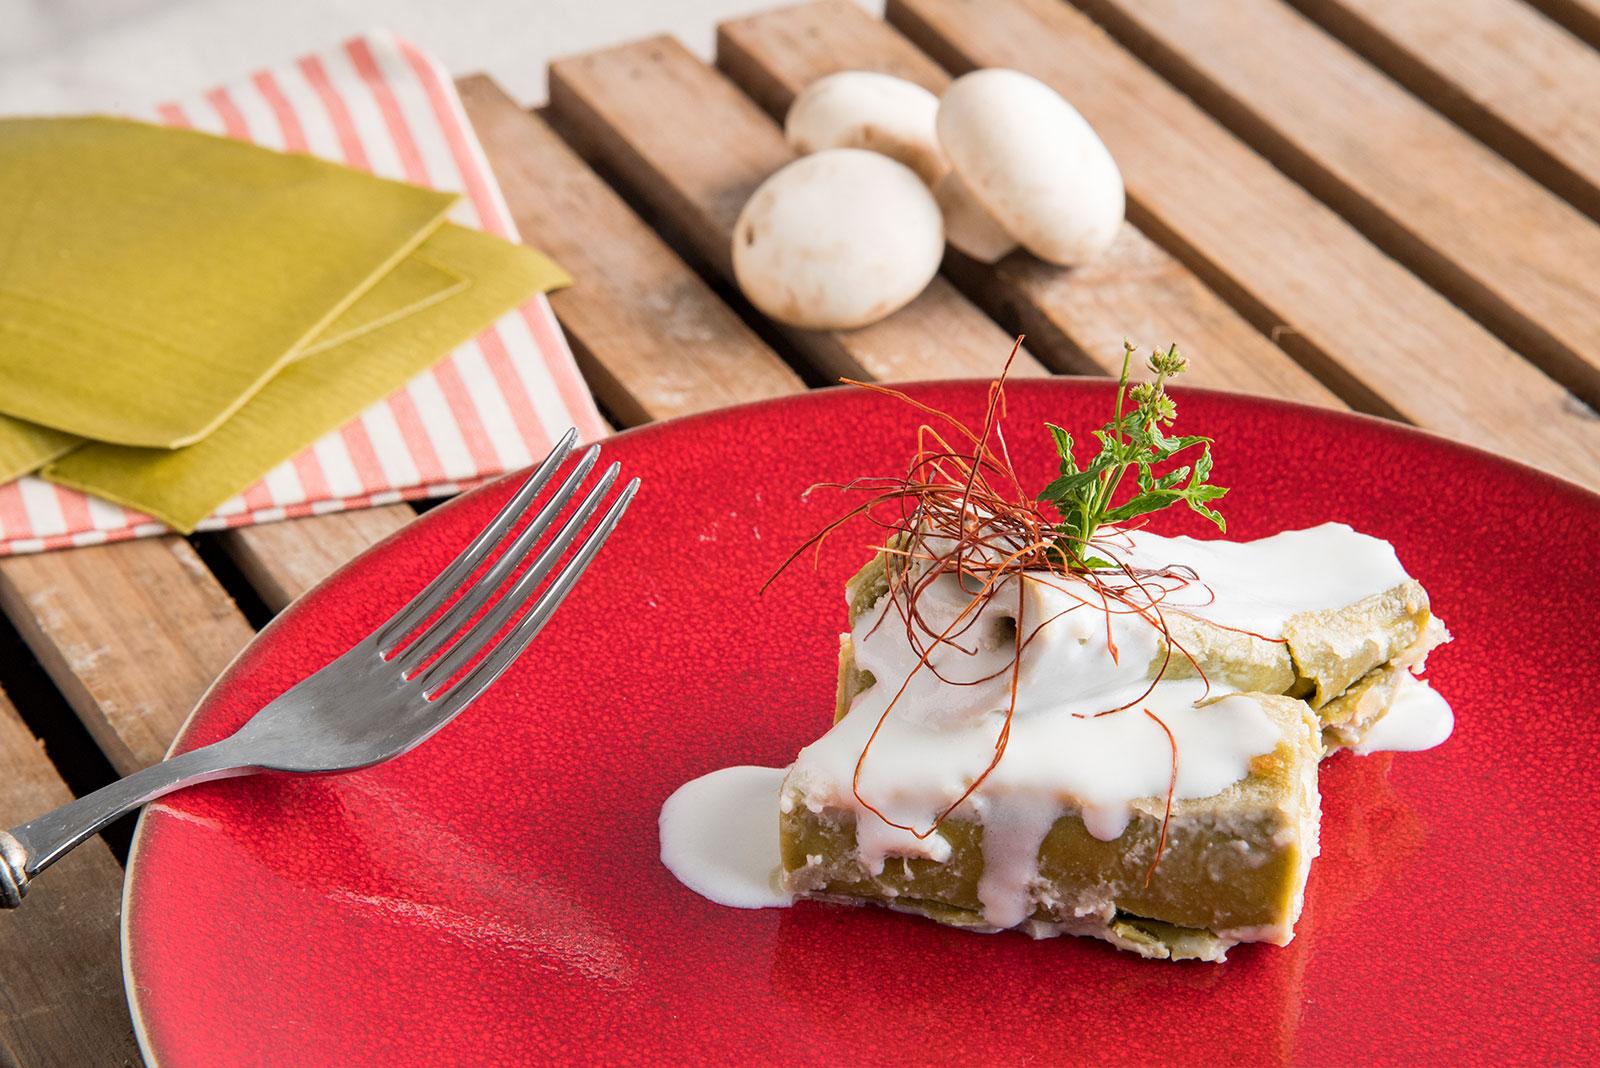 Cannellone Senza Glutine Verde all'uovo con Ricotta Vaccina, Funghi Champignon e Pinoli Tostati - Pasta di Venezia